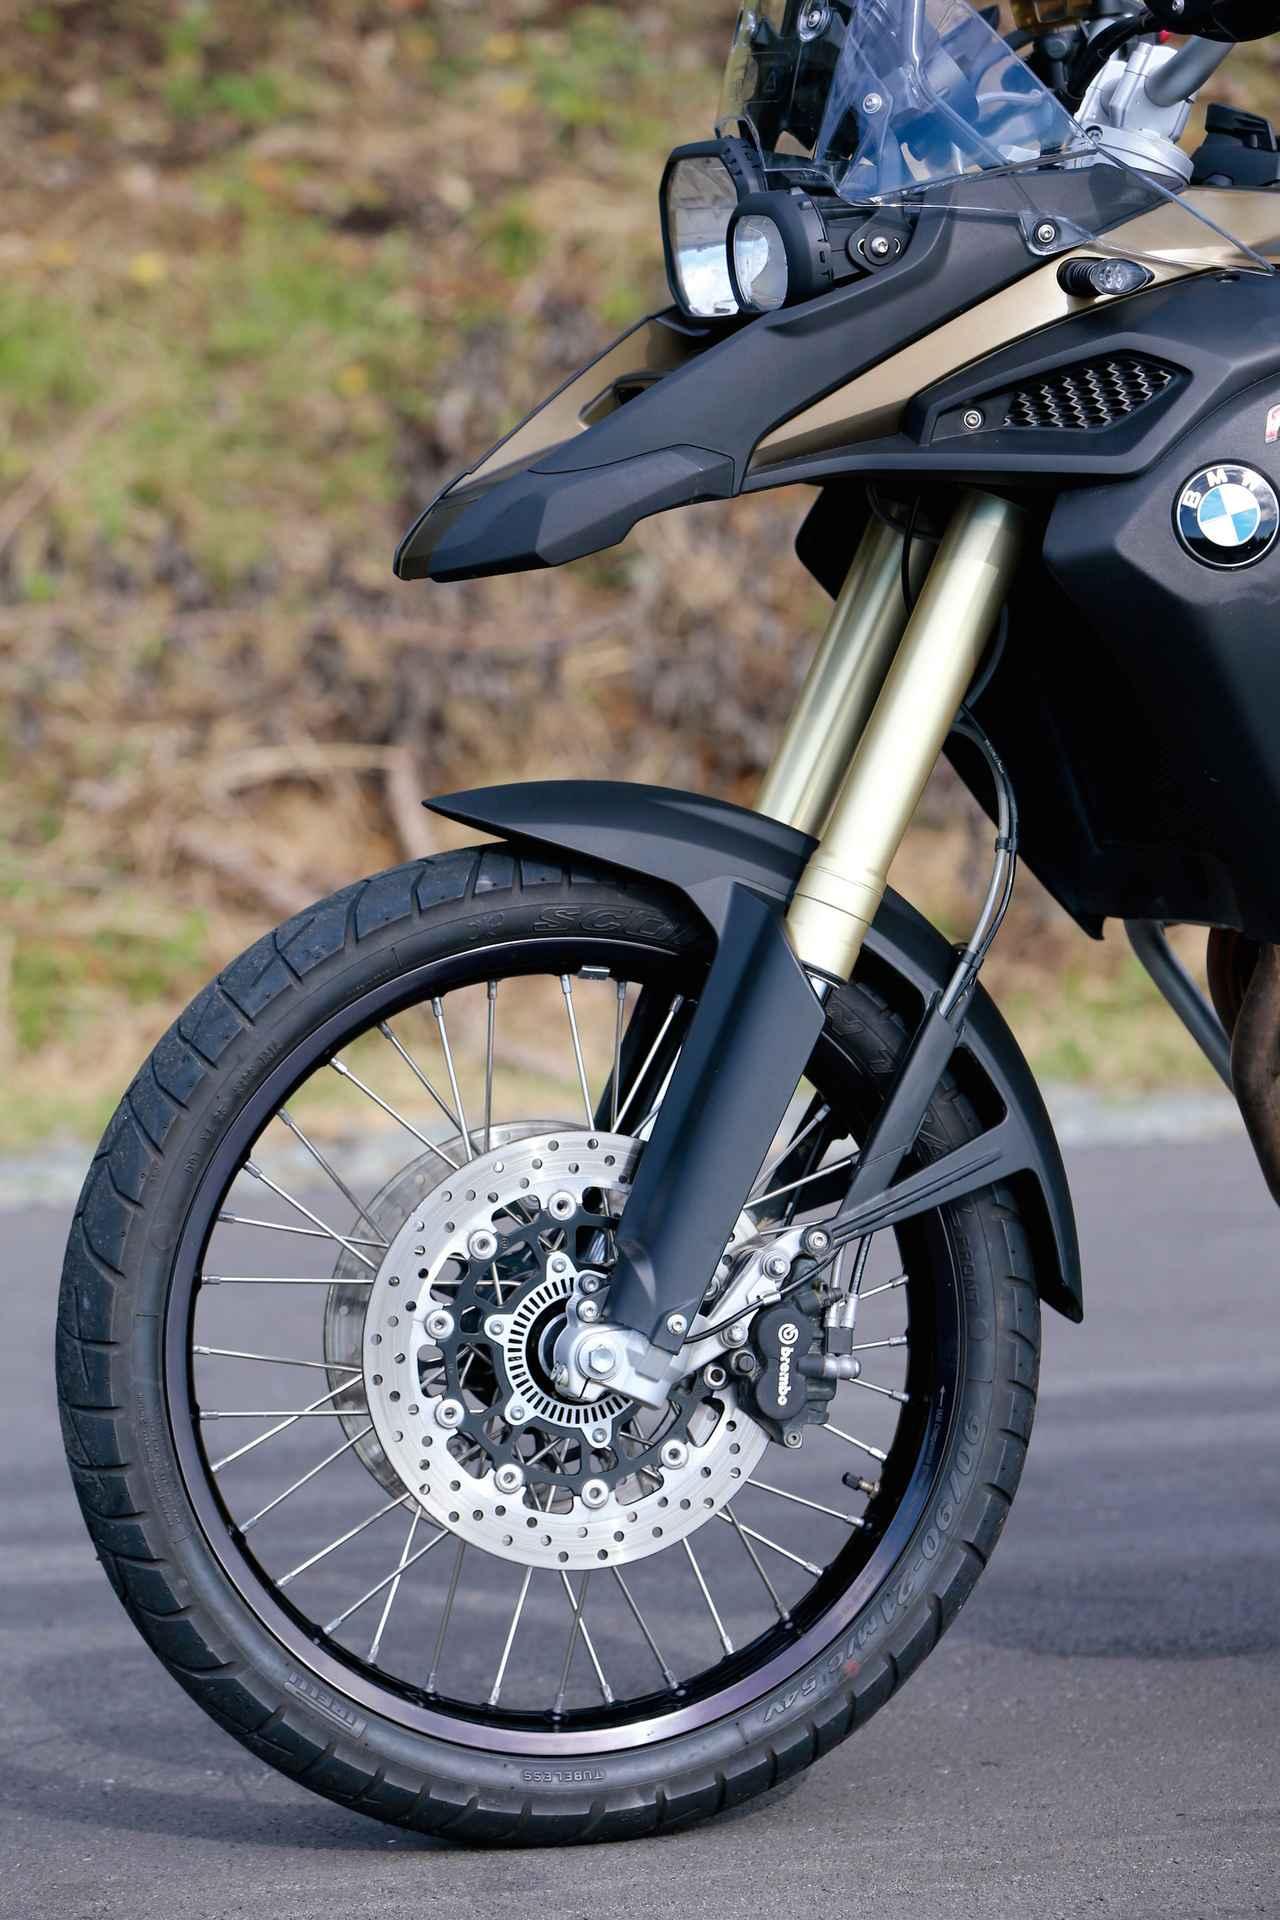 画像: 走破性の高い21インチホイールに、タイヤはピレリのスコーピオンという組み合わせ。ブレーキキャリパーはブレンボ製をおごる。